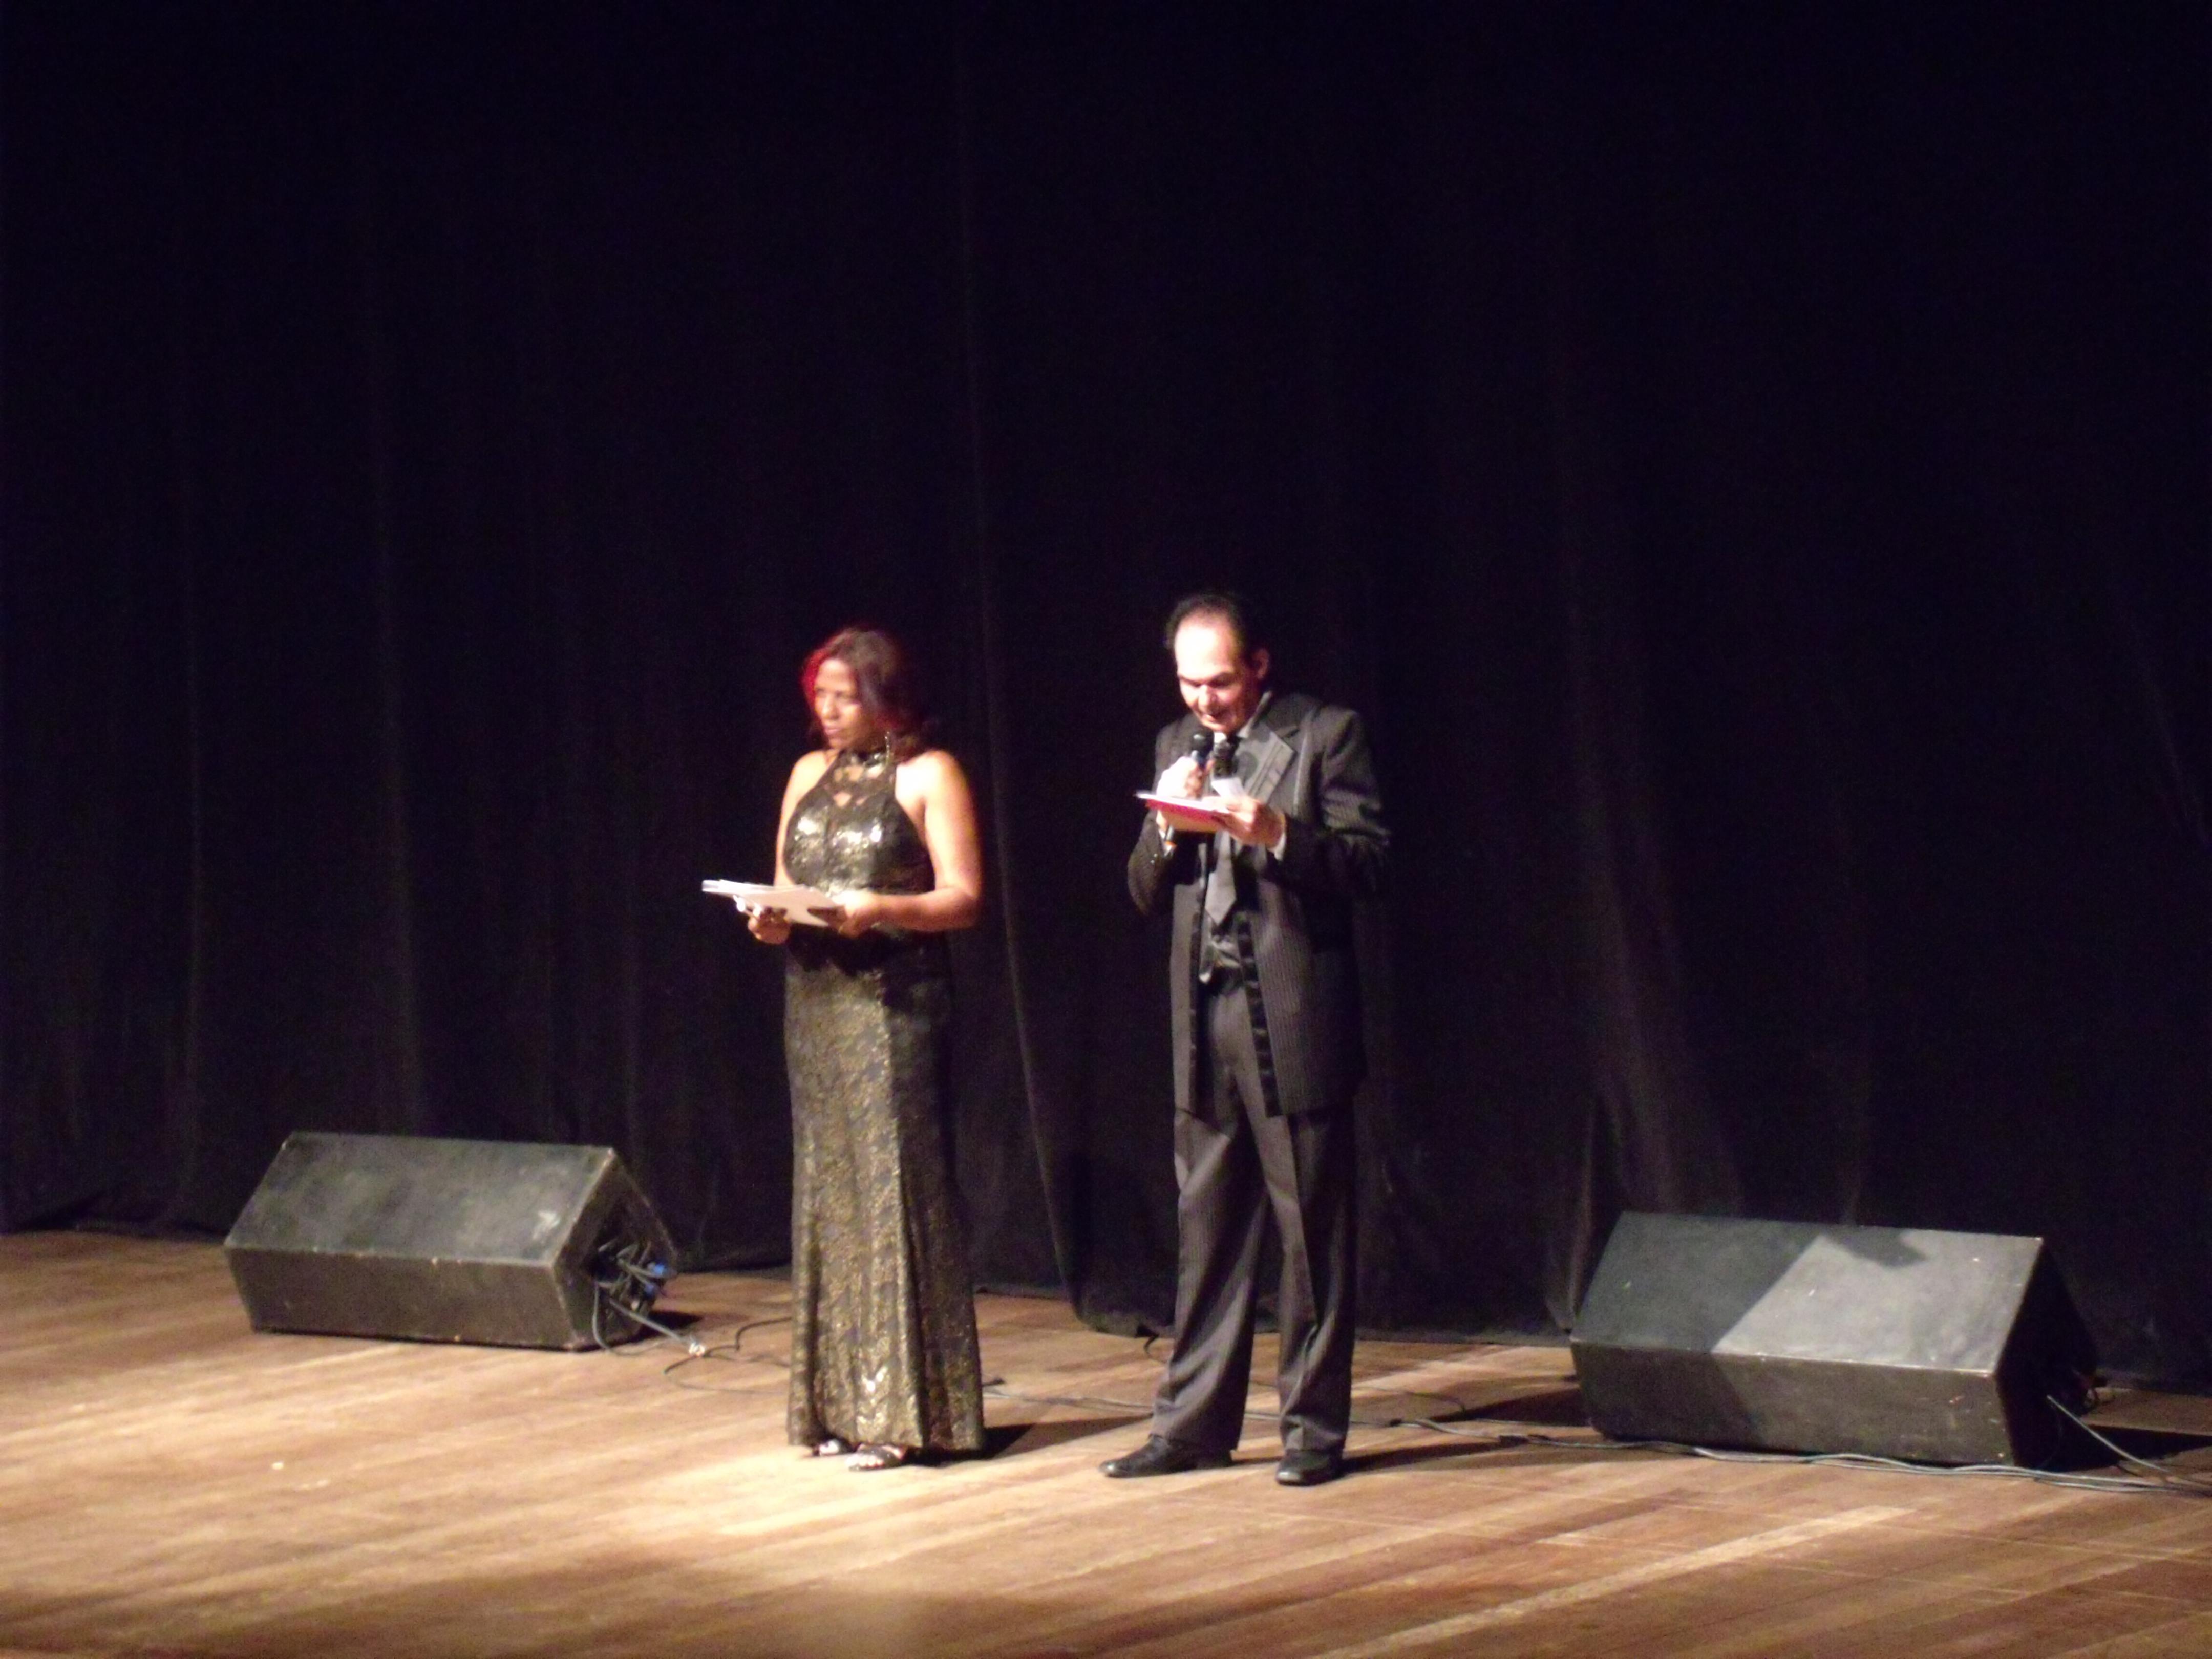 Anna Carvalho e Rafael Diamante organizaram a premiação pela terceira vez. Foto: Douglas Mota/BaixadaZine